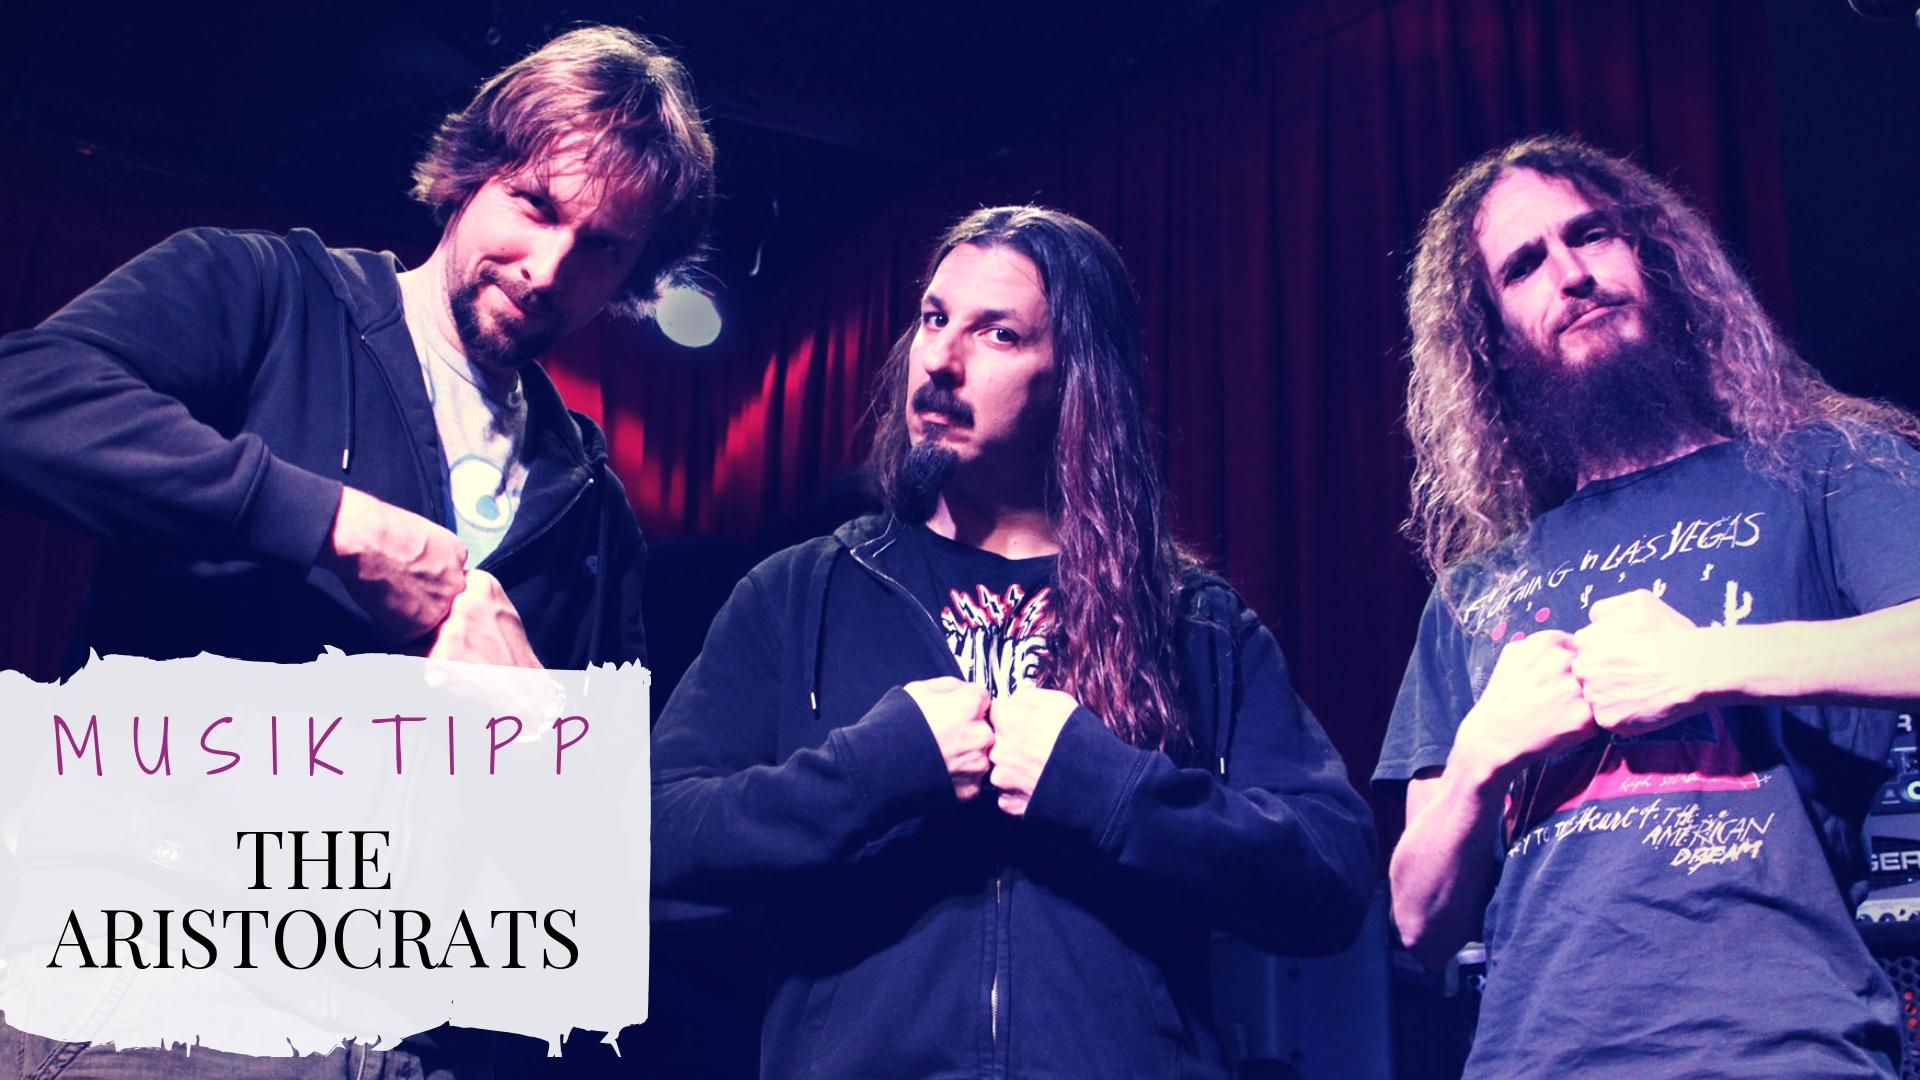 The Aristocrats Musiktipp Titelbild